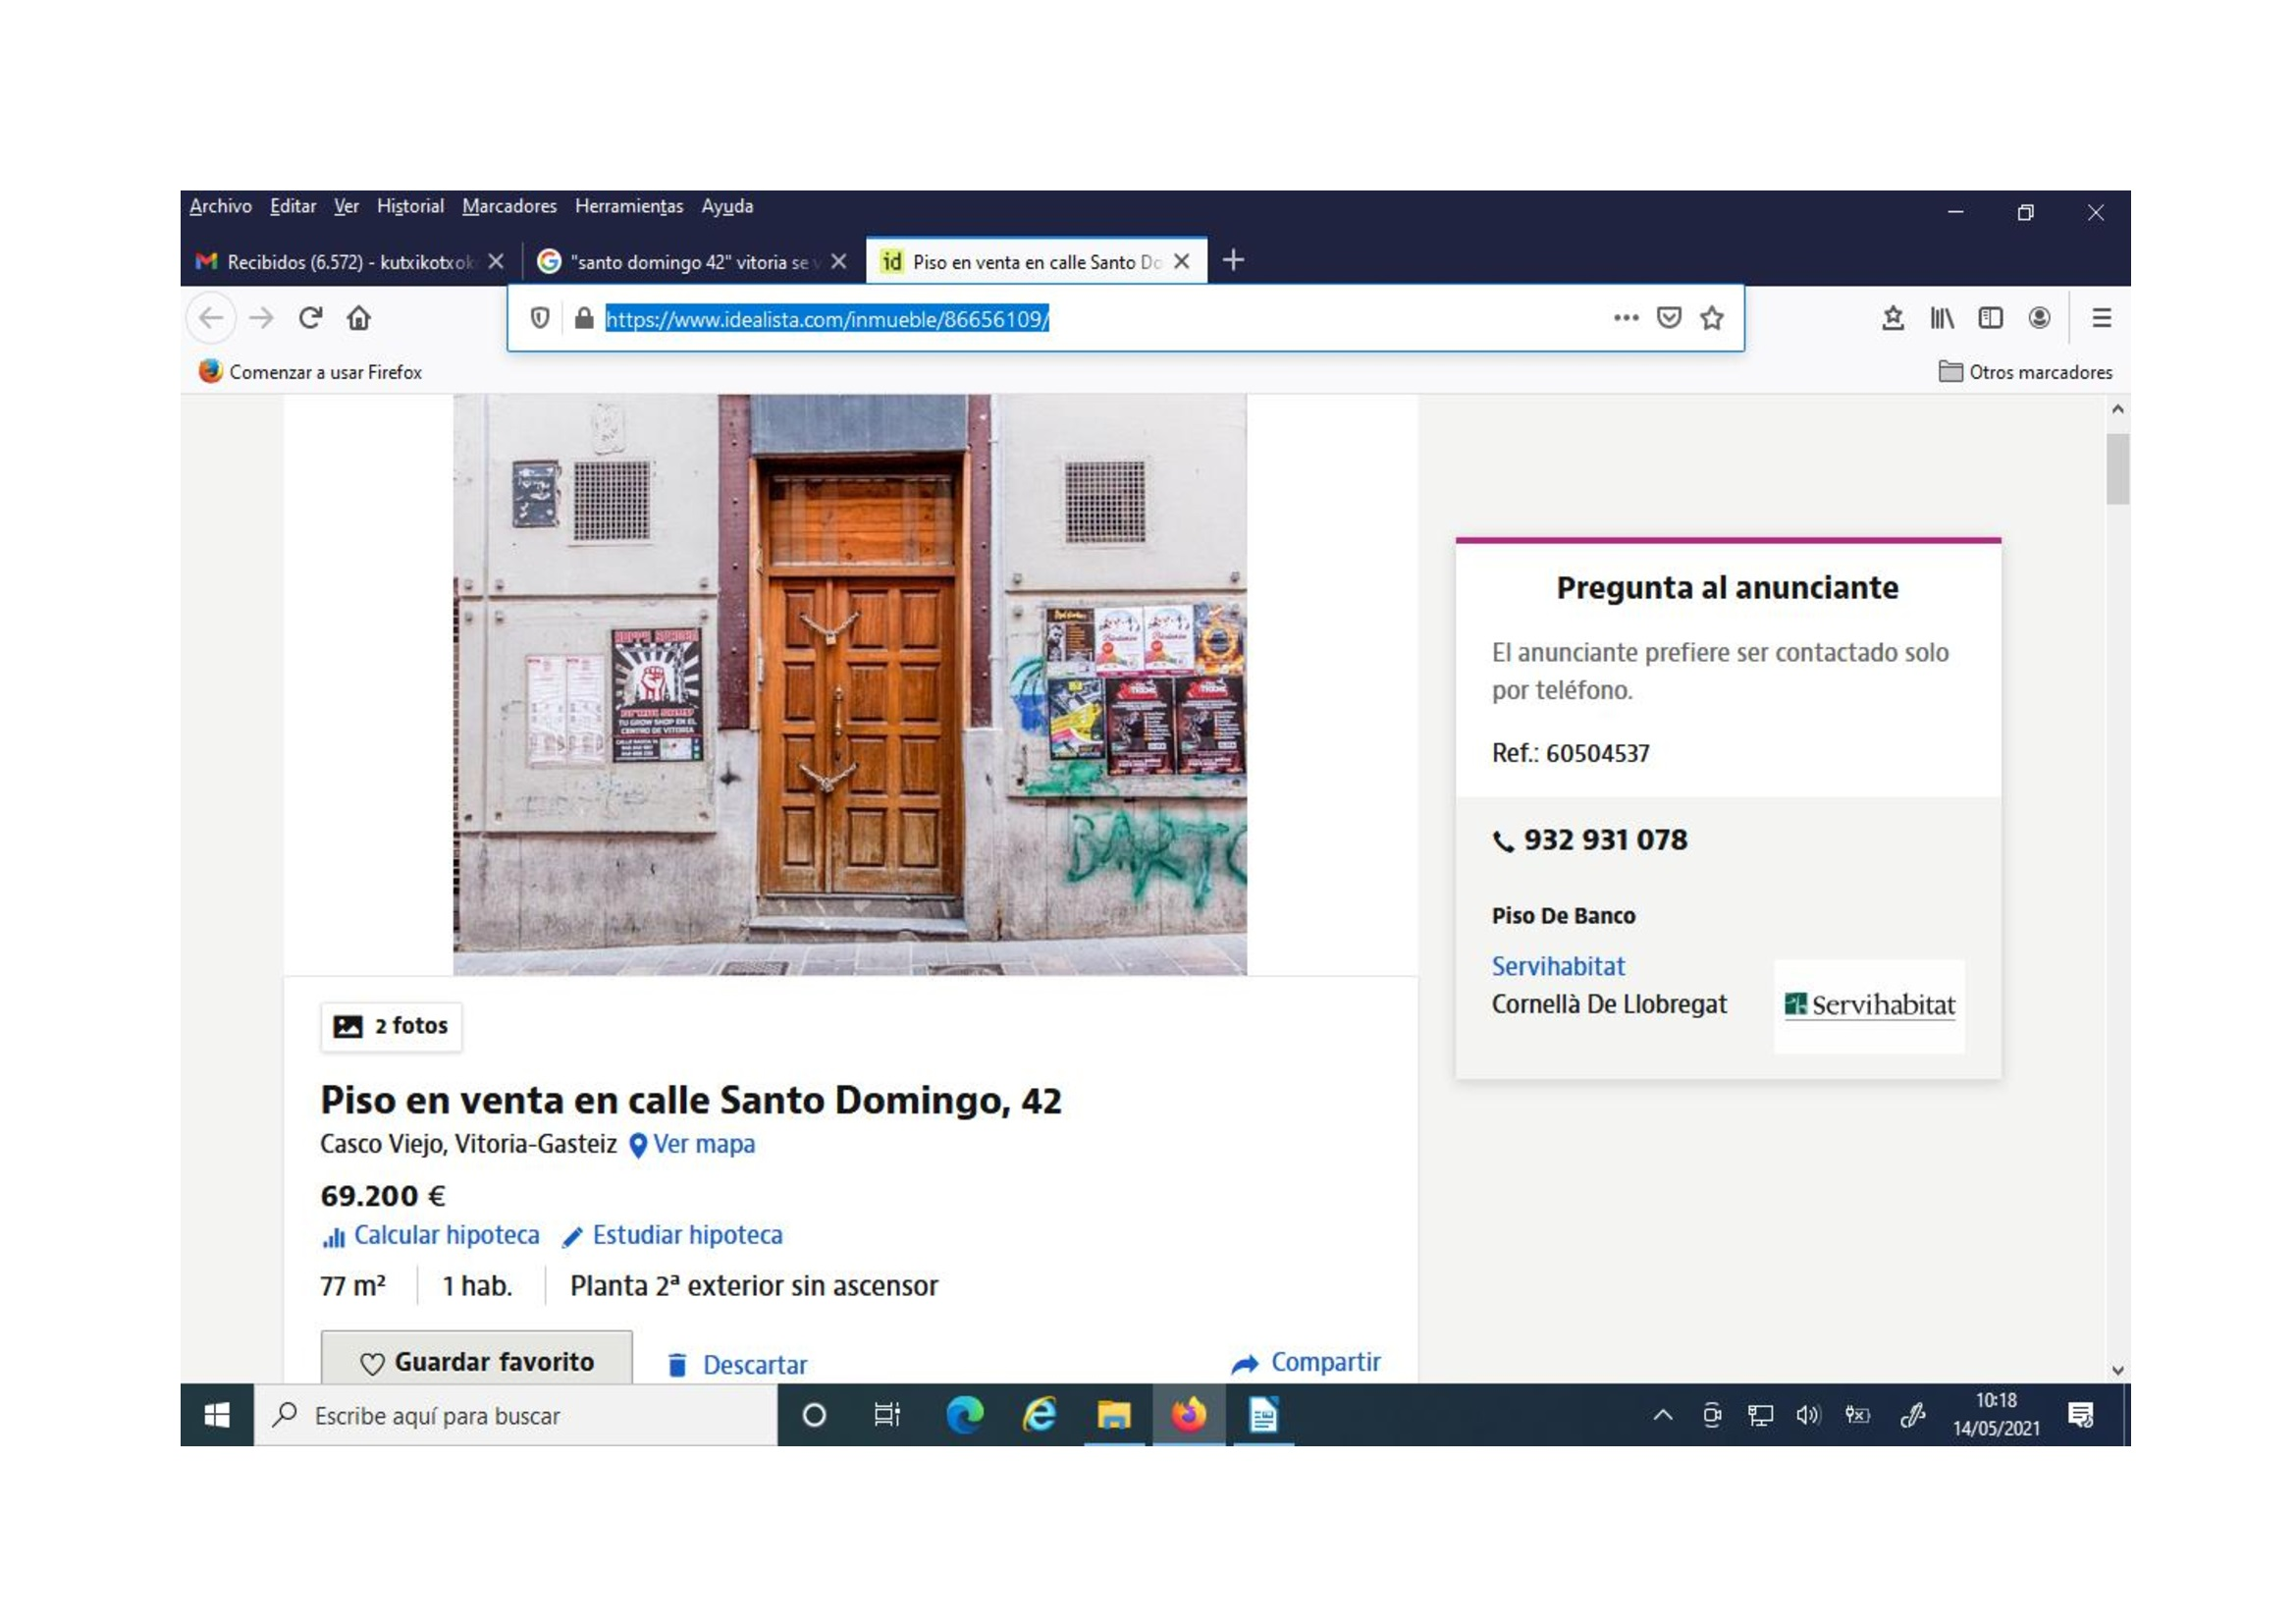 (Muestra de una vivienda de un edificio en la calle Santo Domingo, desalojada por riesgo de ruina -se aprecian las cadenas en la puerta- y ofertada en una inmobiliaria, que no dice nada al respecto, por 69.200 euros. Su dueño, una entidad bancaria).